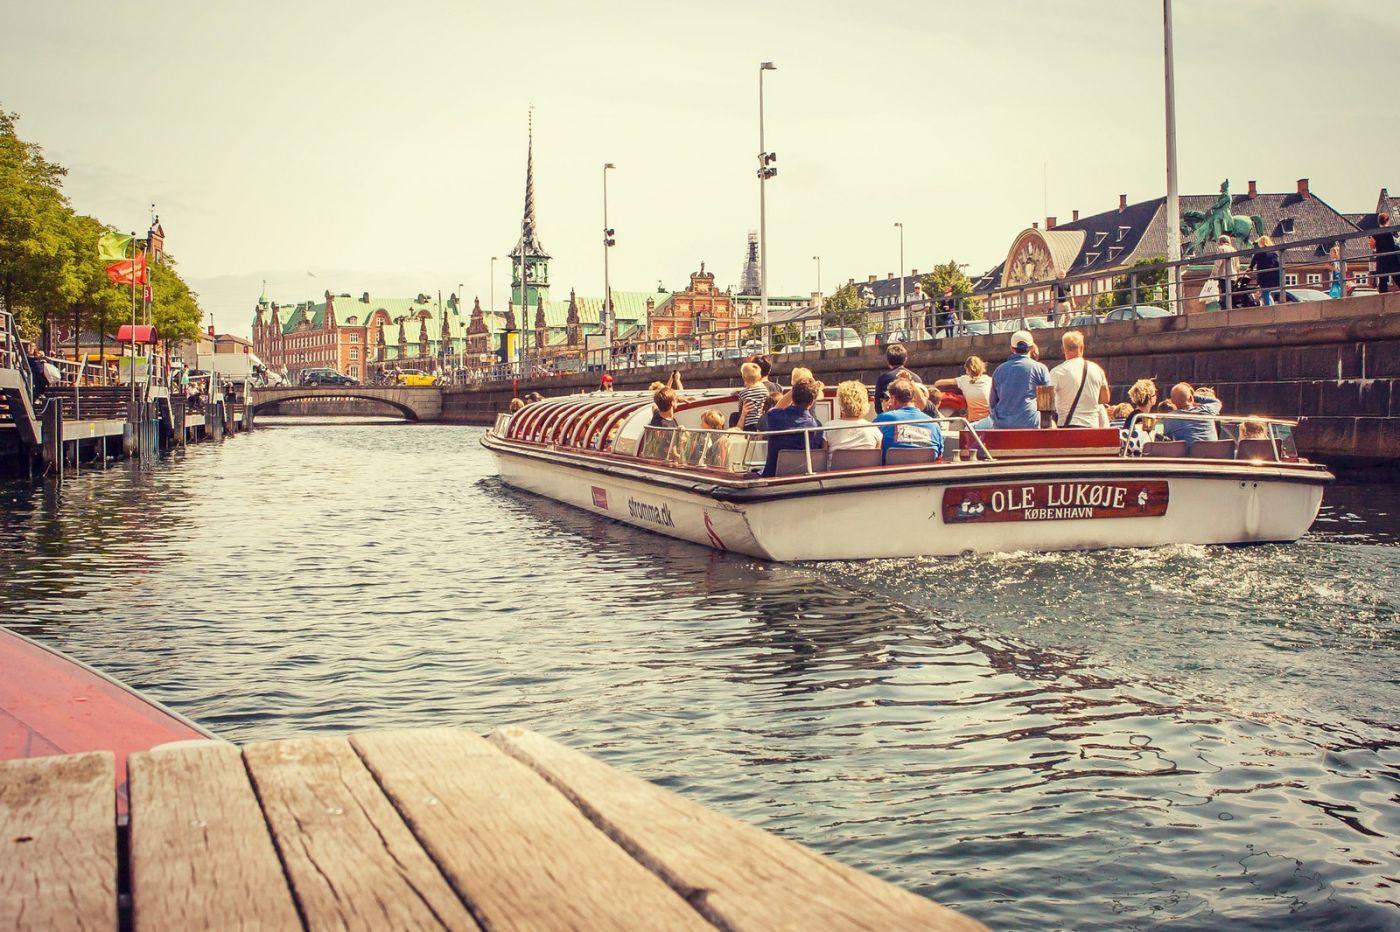 丹麦哥本哈根,新旧融合的城市_图1-33